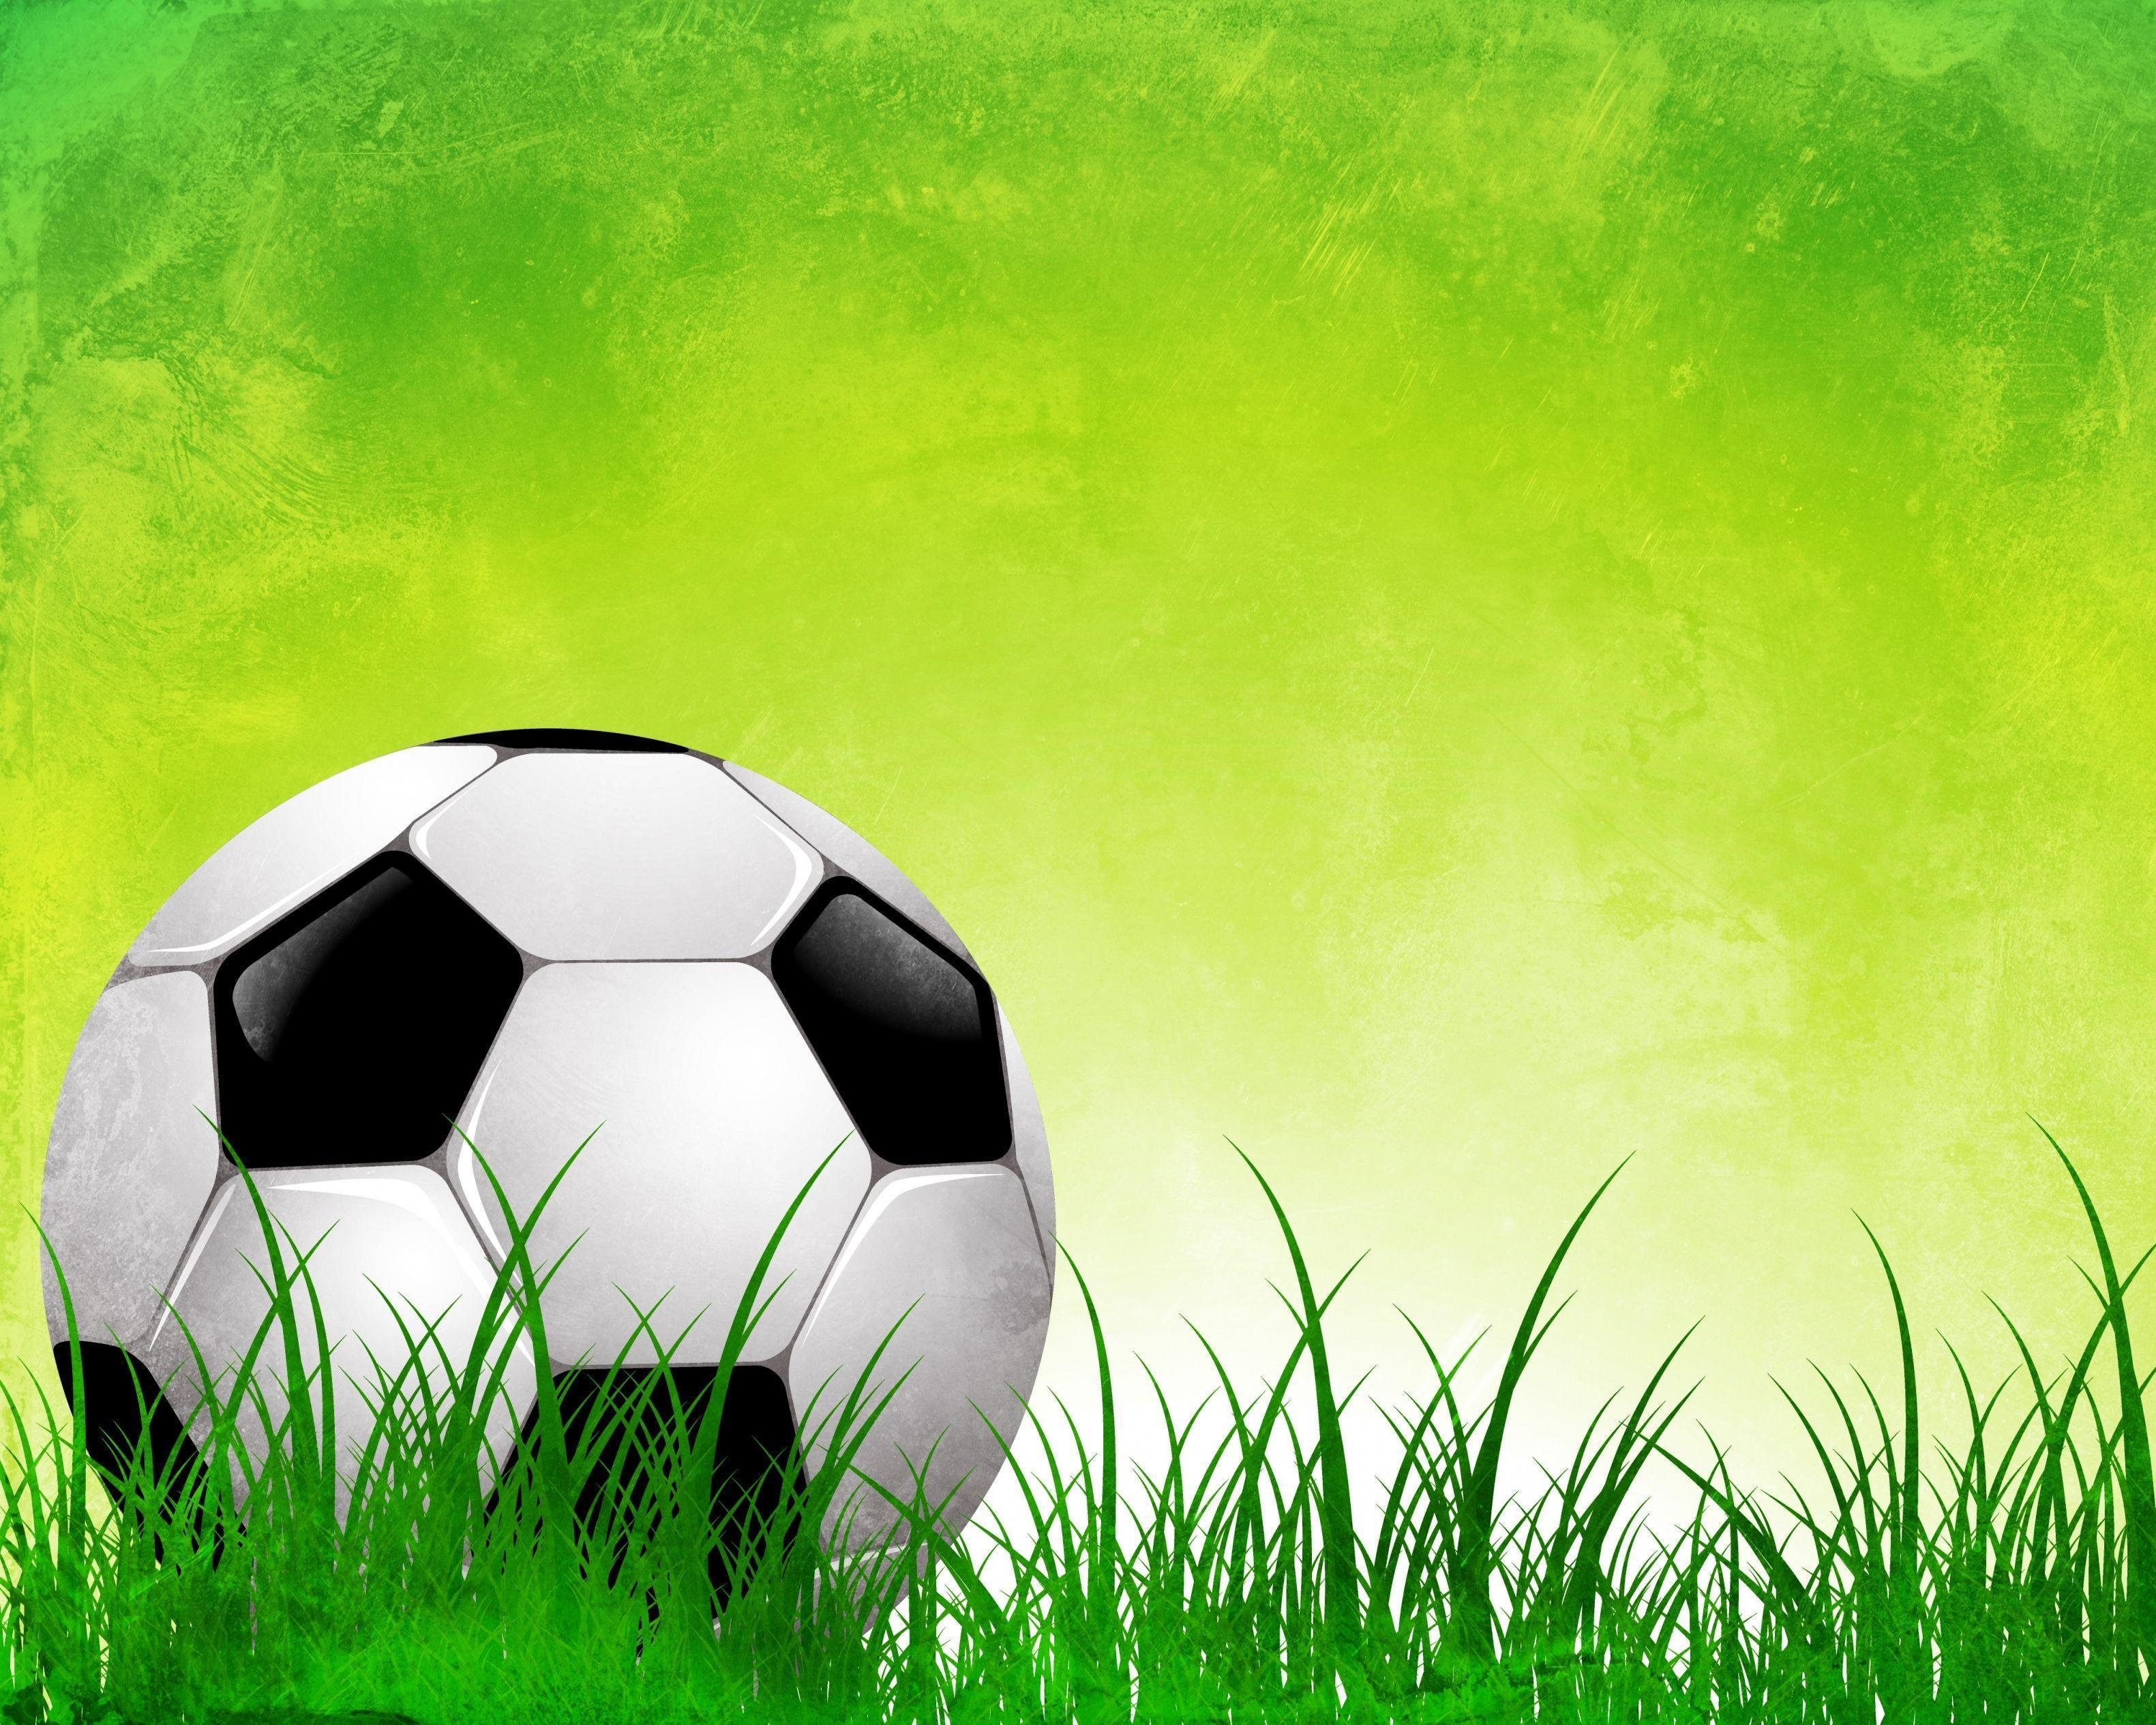 Картинки с надписью футбол, открытки